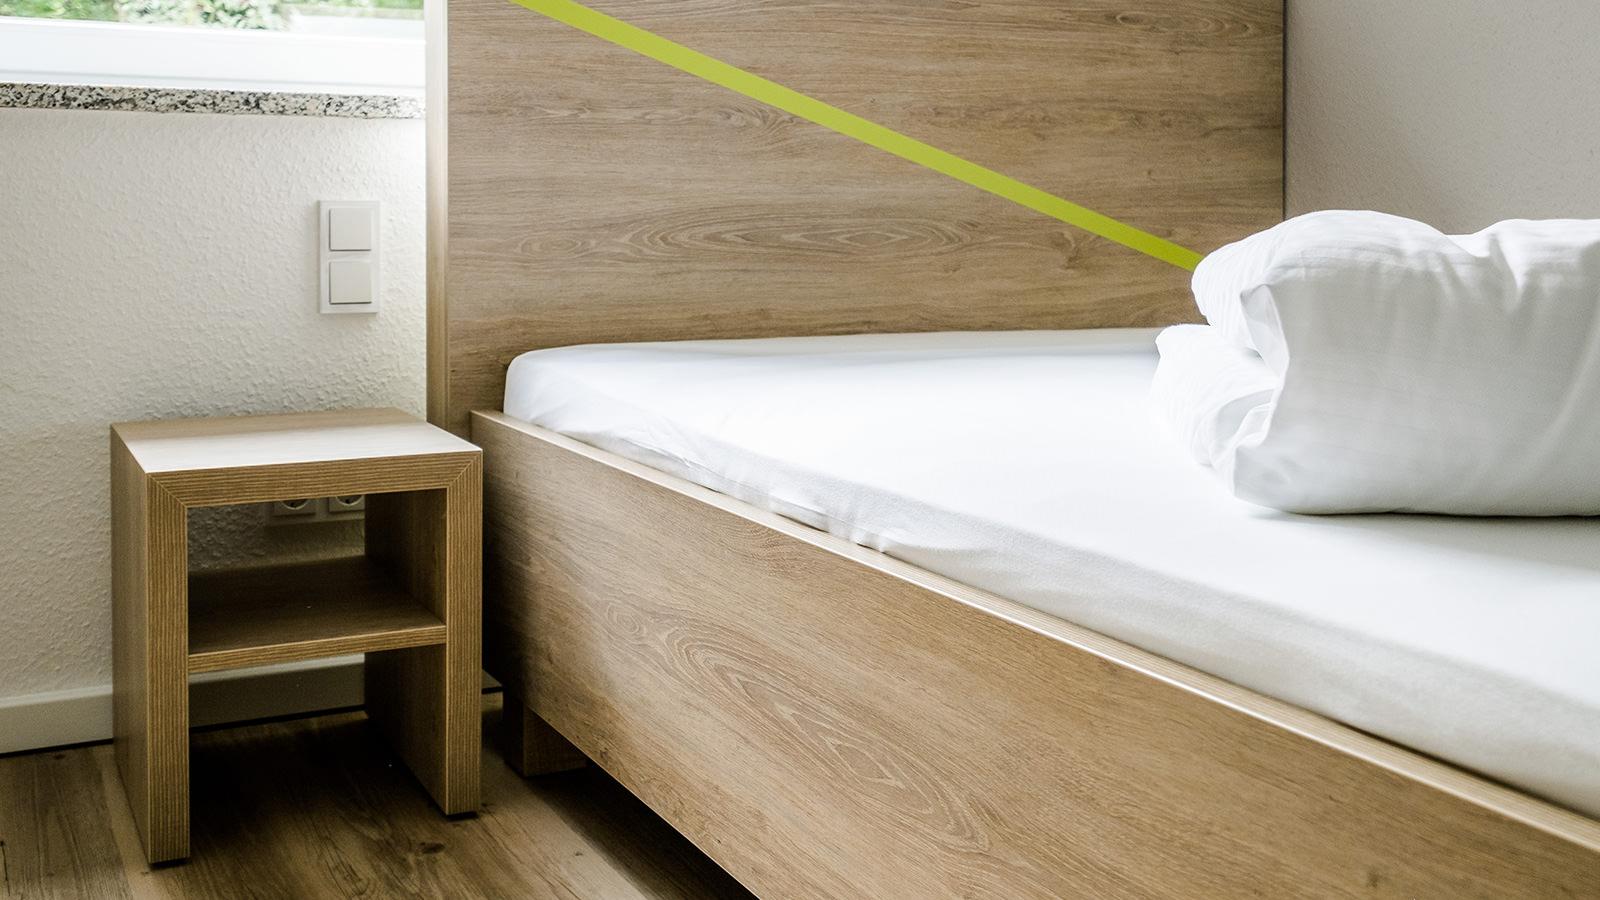 Tischlerei Hagemeier, Projekte, Referenz in Gütersloh, Möbelbau Bett